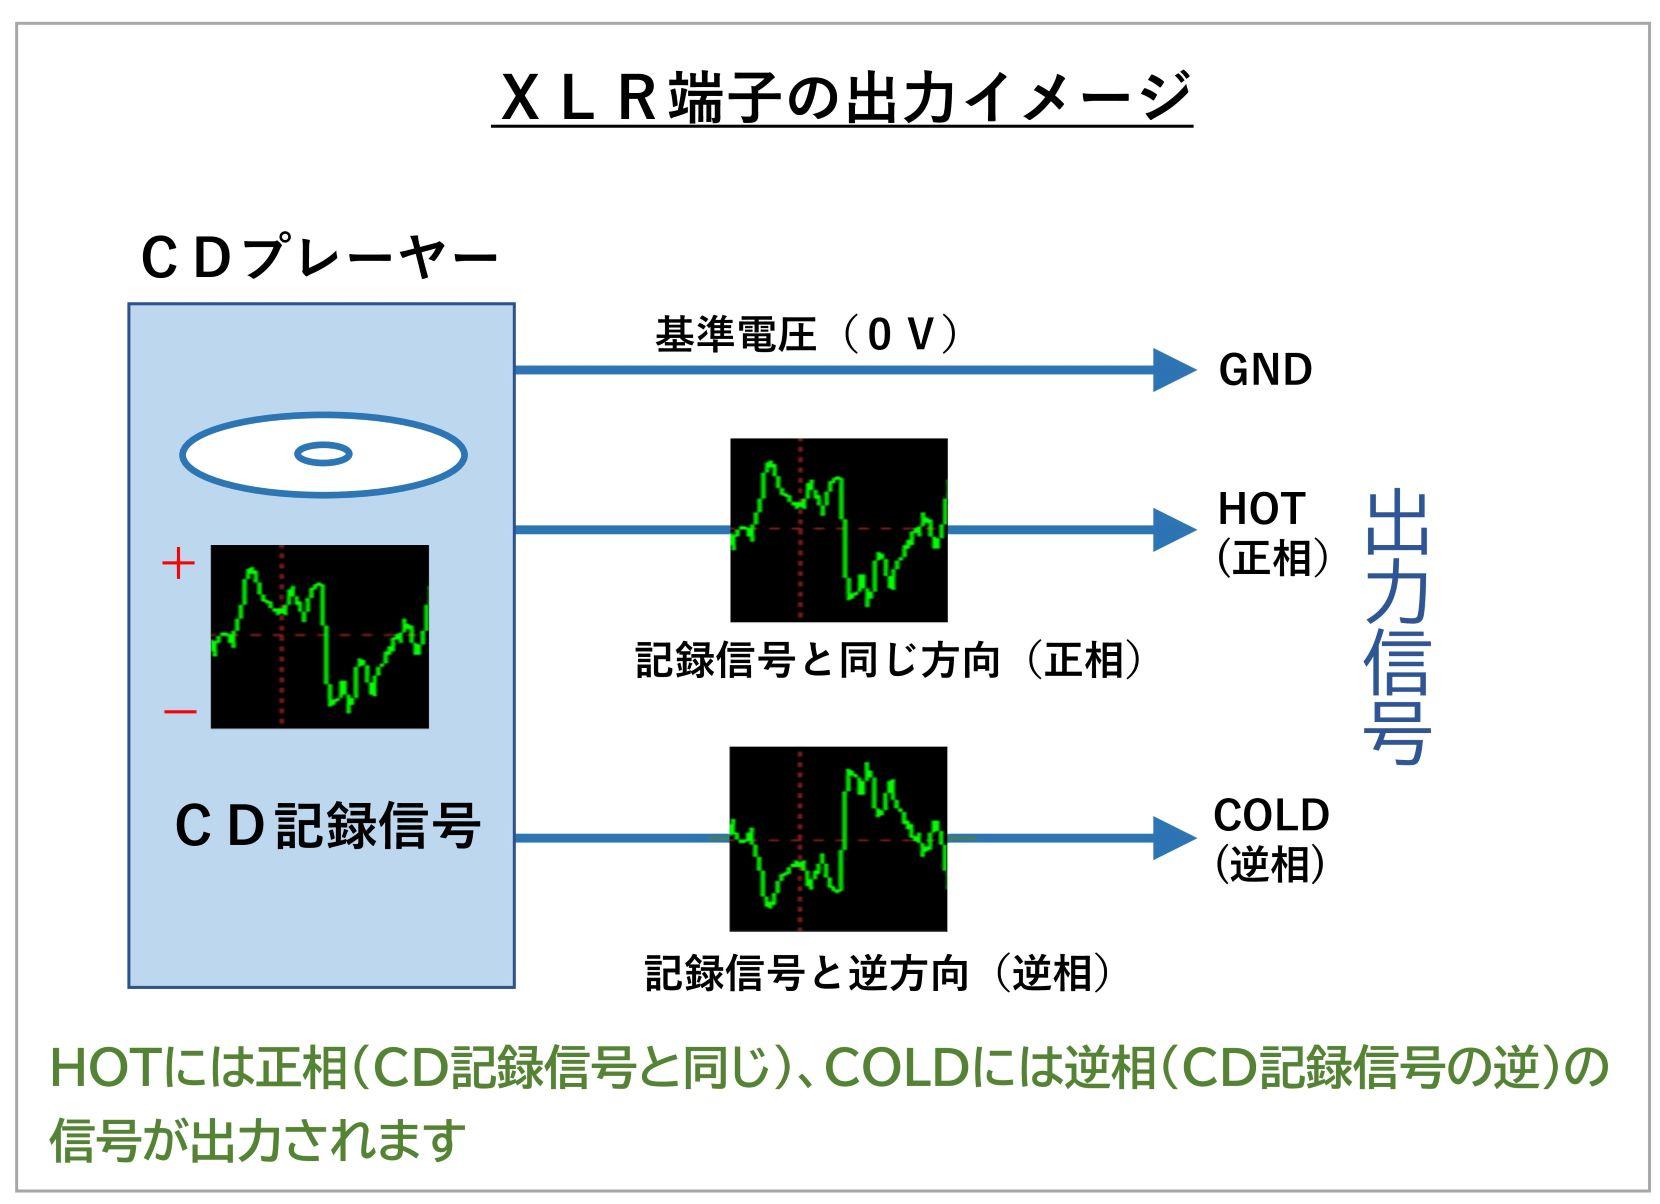 XLR出力信号イメージ